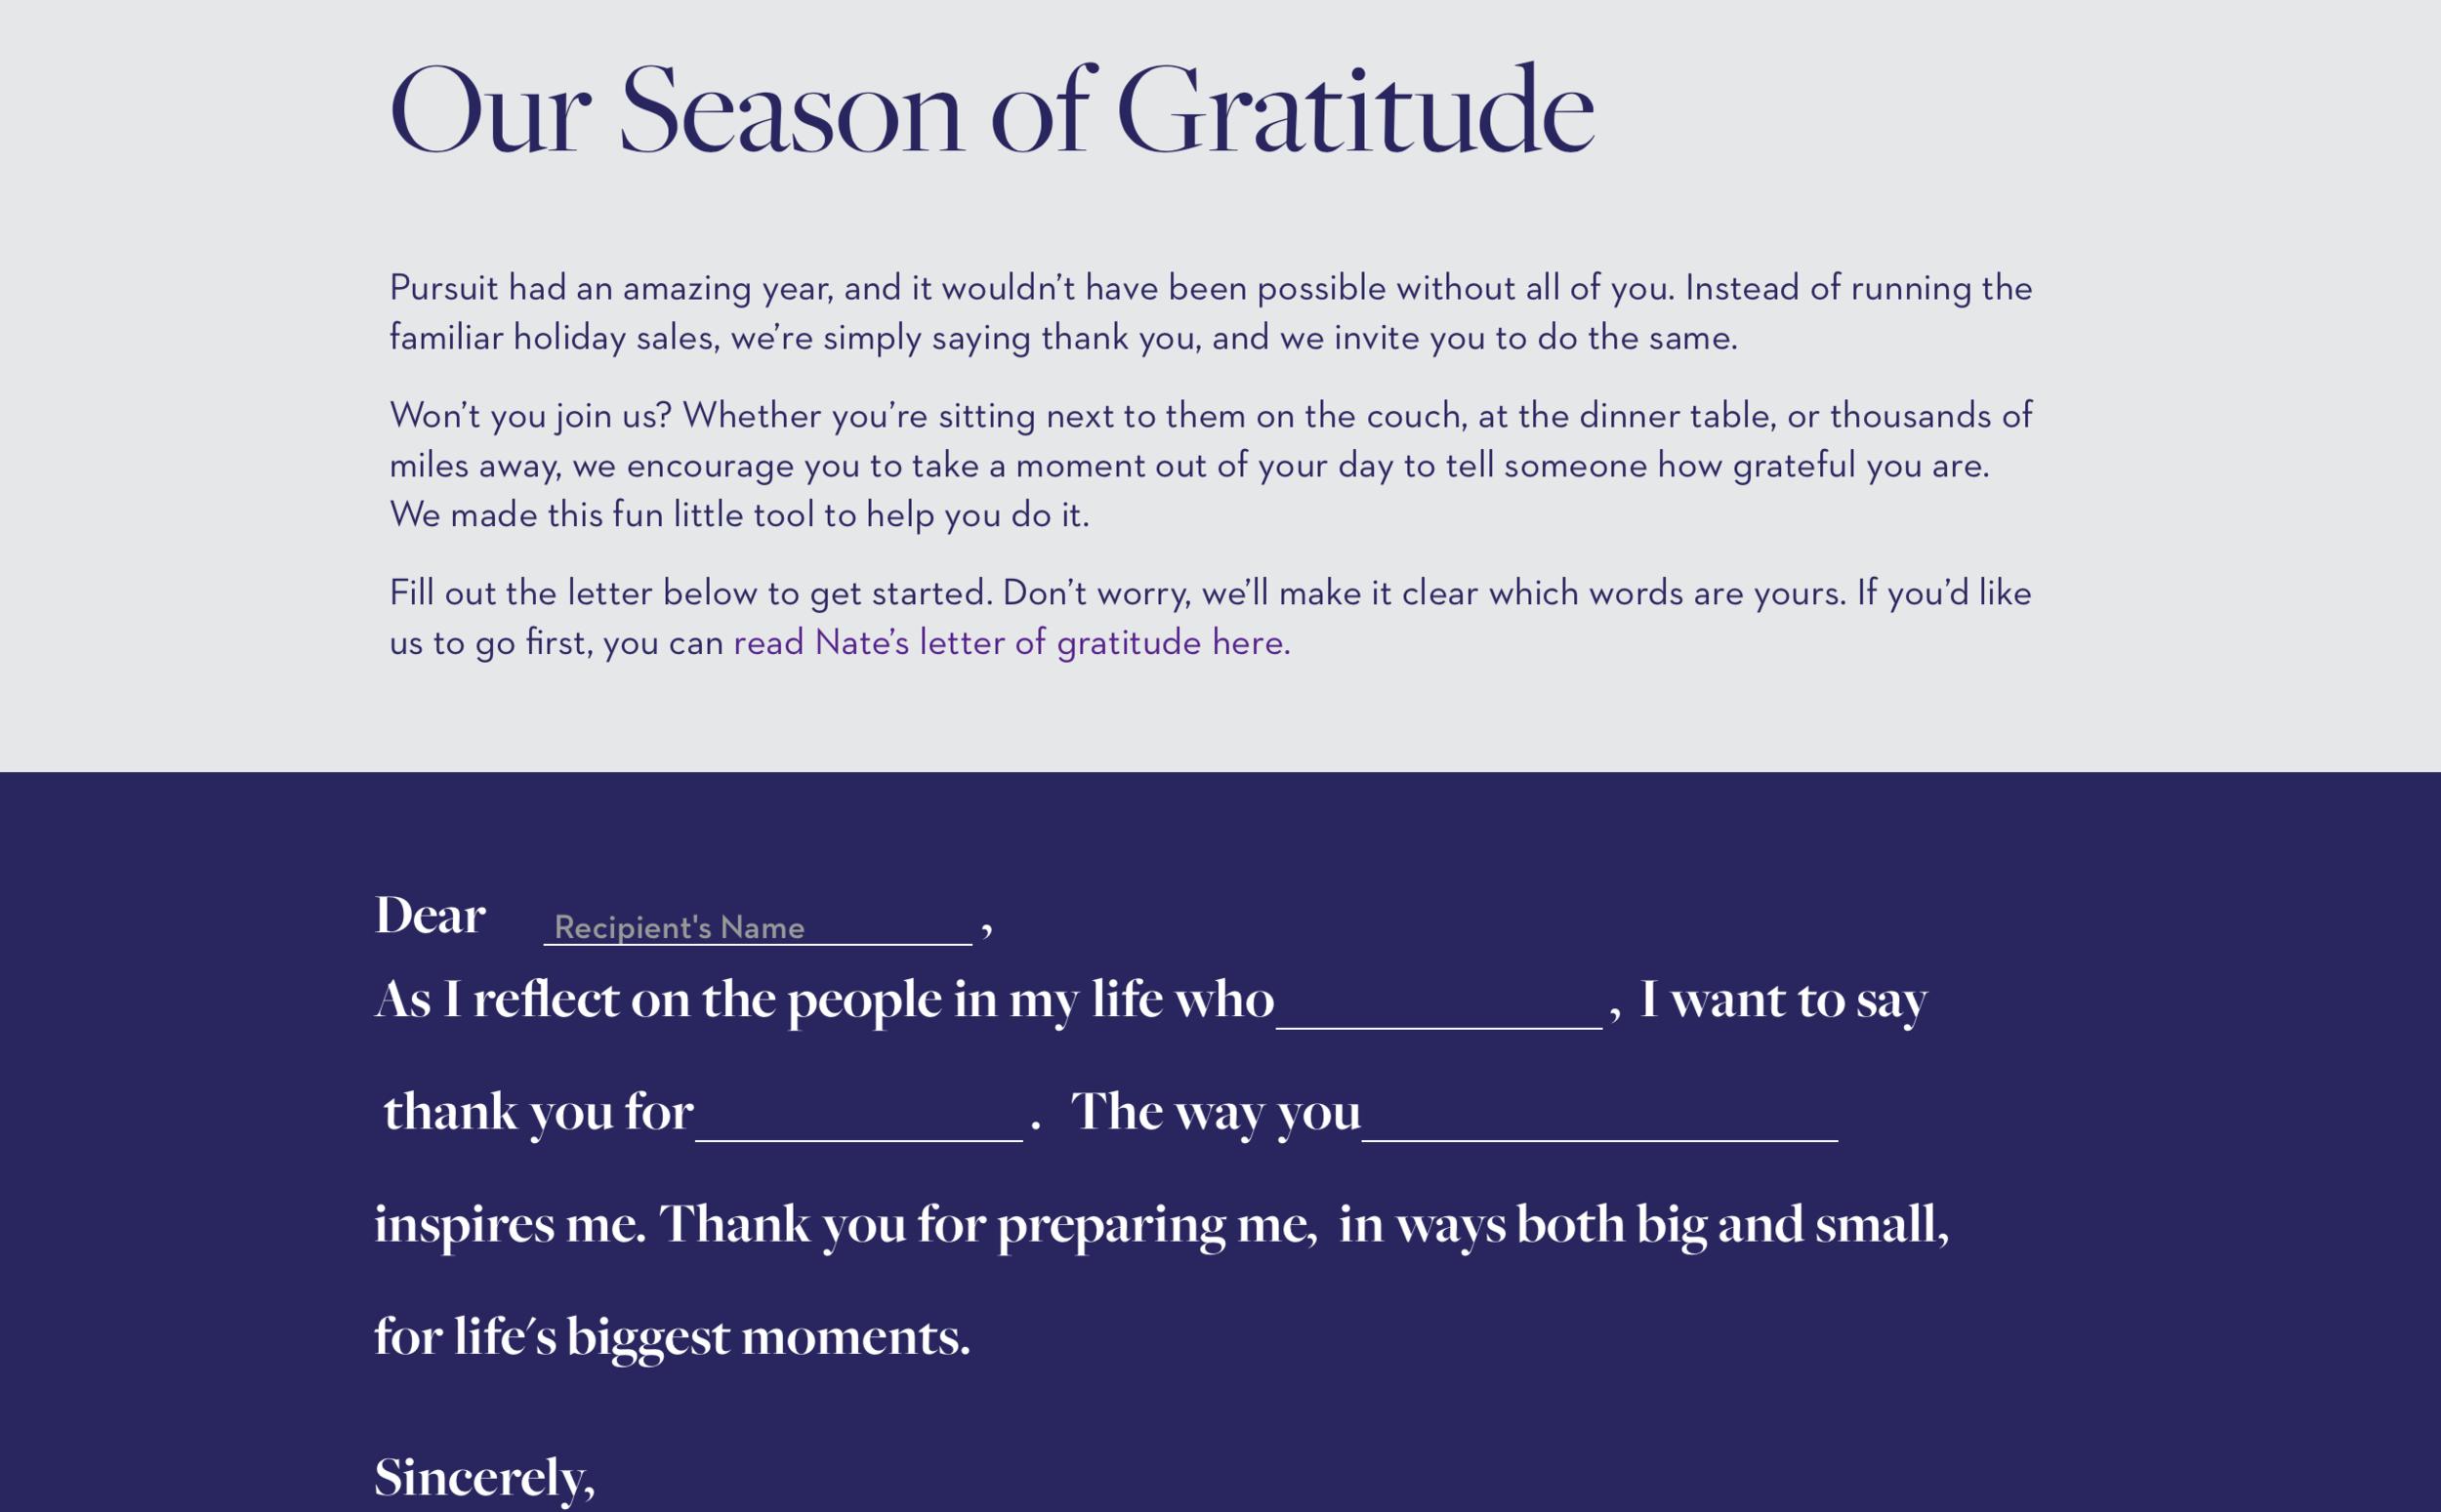 Pursuit Season of Gratitude.png